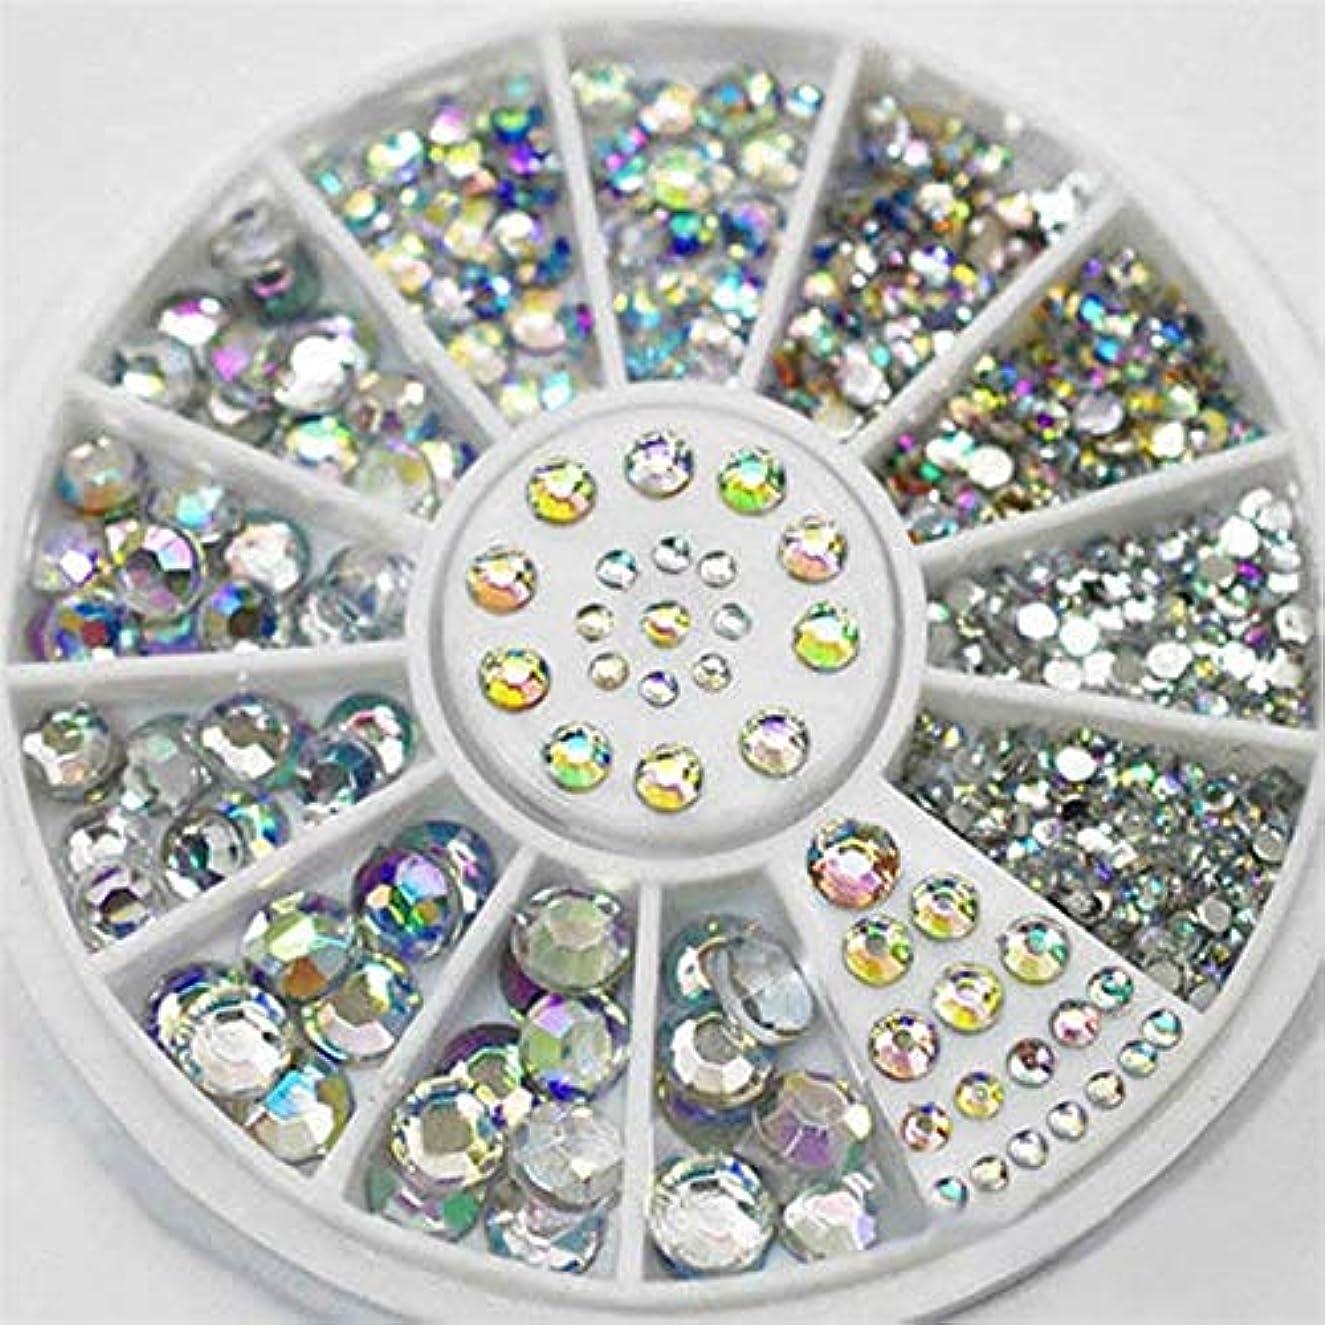 面白いマークダウン石油Yan 5ピースdiyカラーアクリルダイヤモンドネイルアートホイールのヒントクリスタルグリッターラインストーン3dネイルアートの装飾